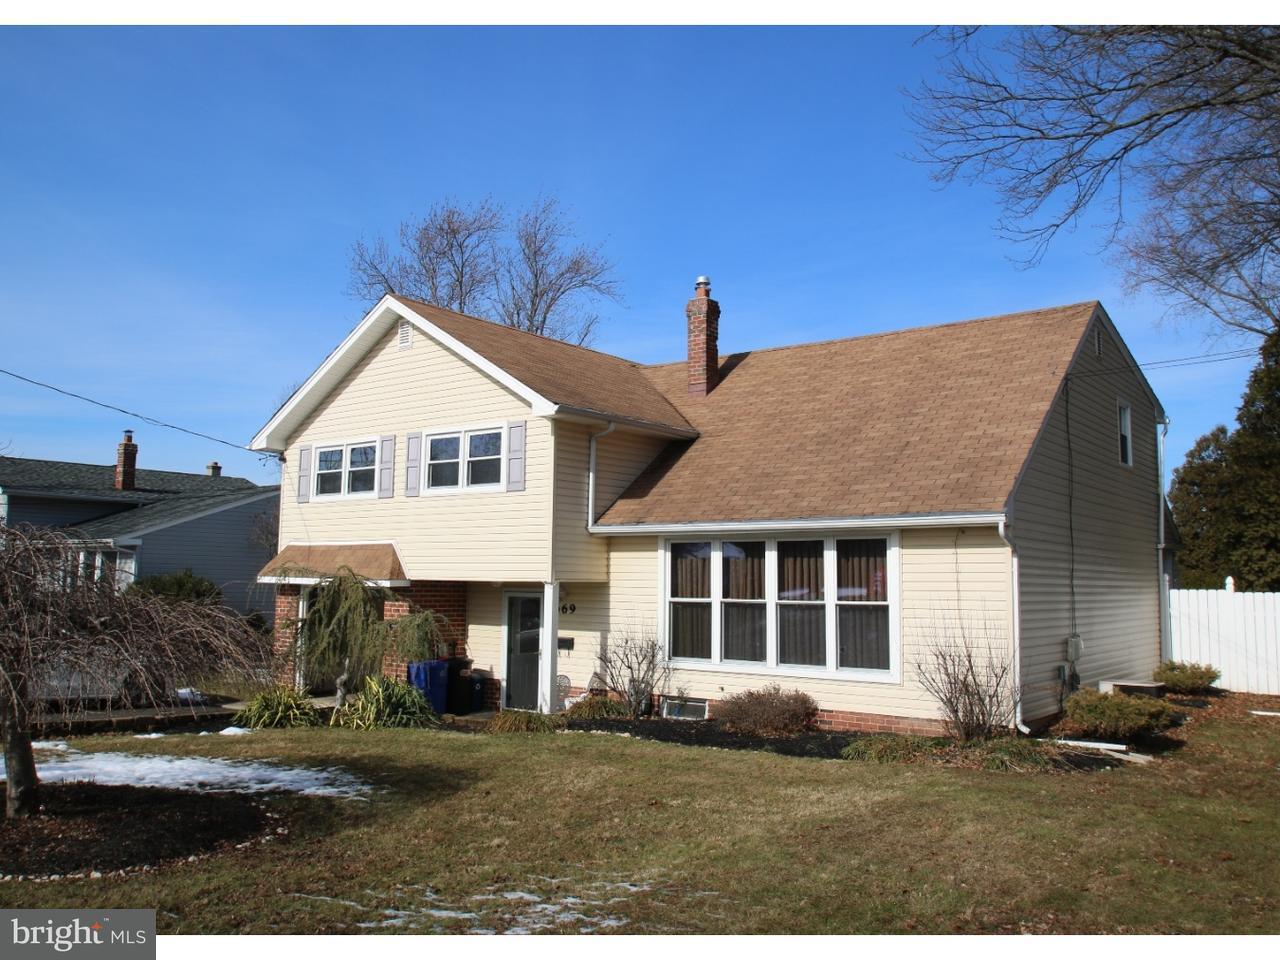 Casa Unifamiliar por un Venta en 669 CHERYL Drive Warminster, Pennsylvania 18974 Estados Unidos